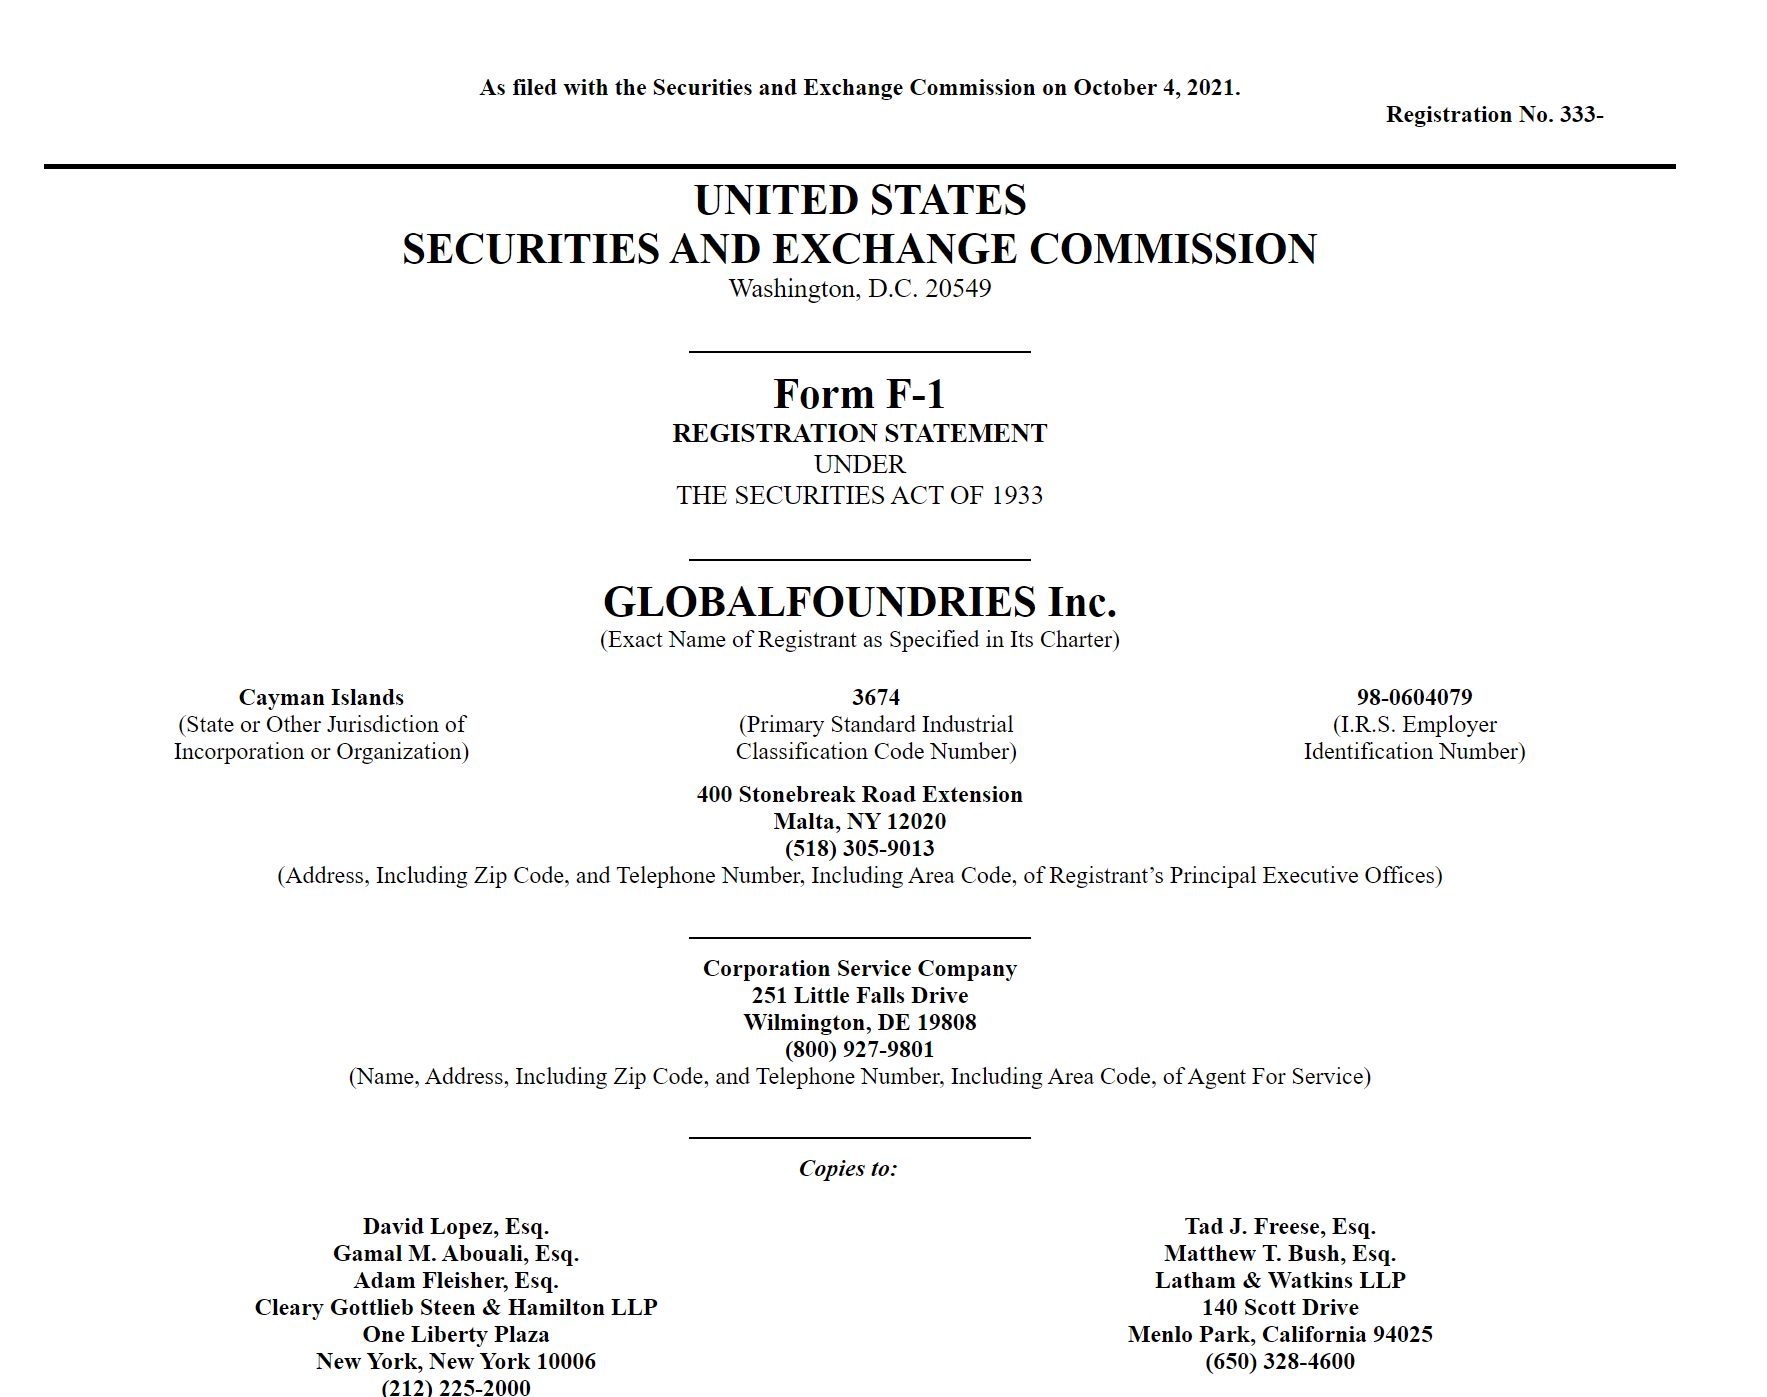 半导体巨头格芯申请在美IPO 上半年净亏损收窄至3.01亿美元